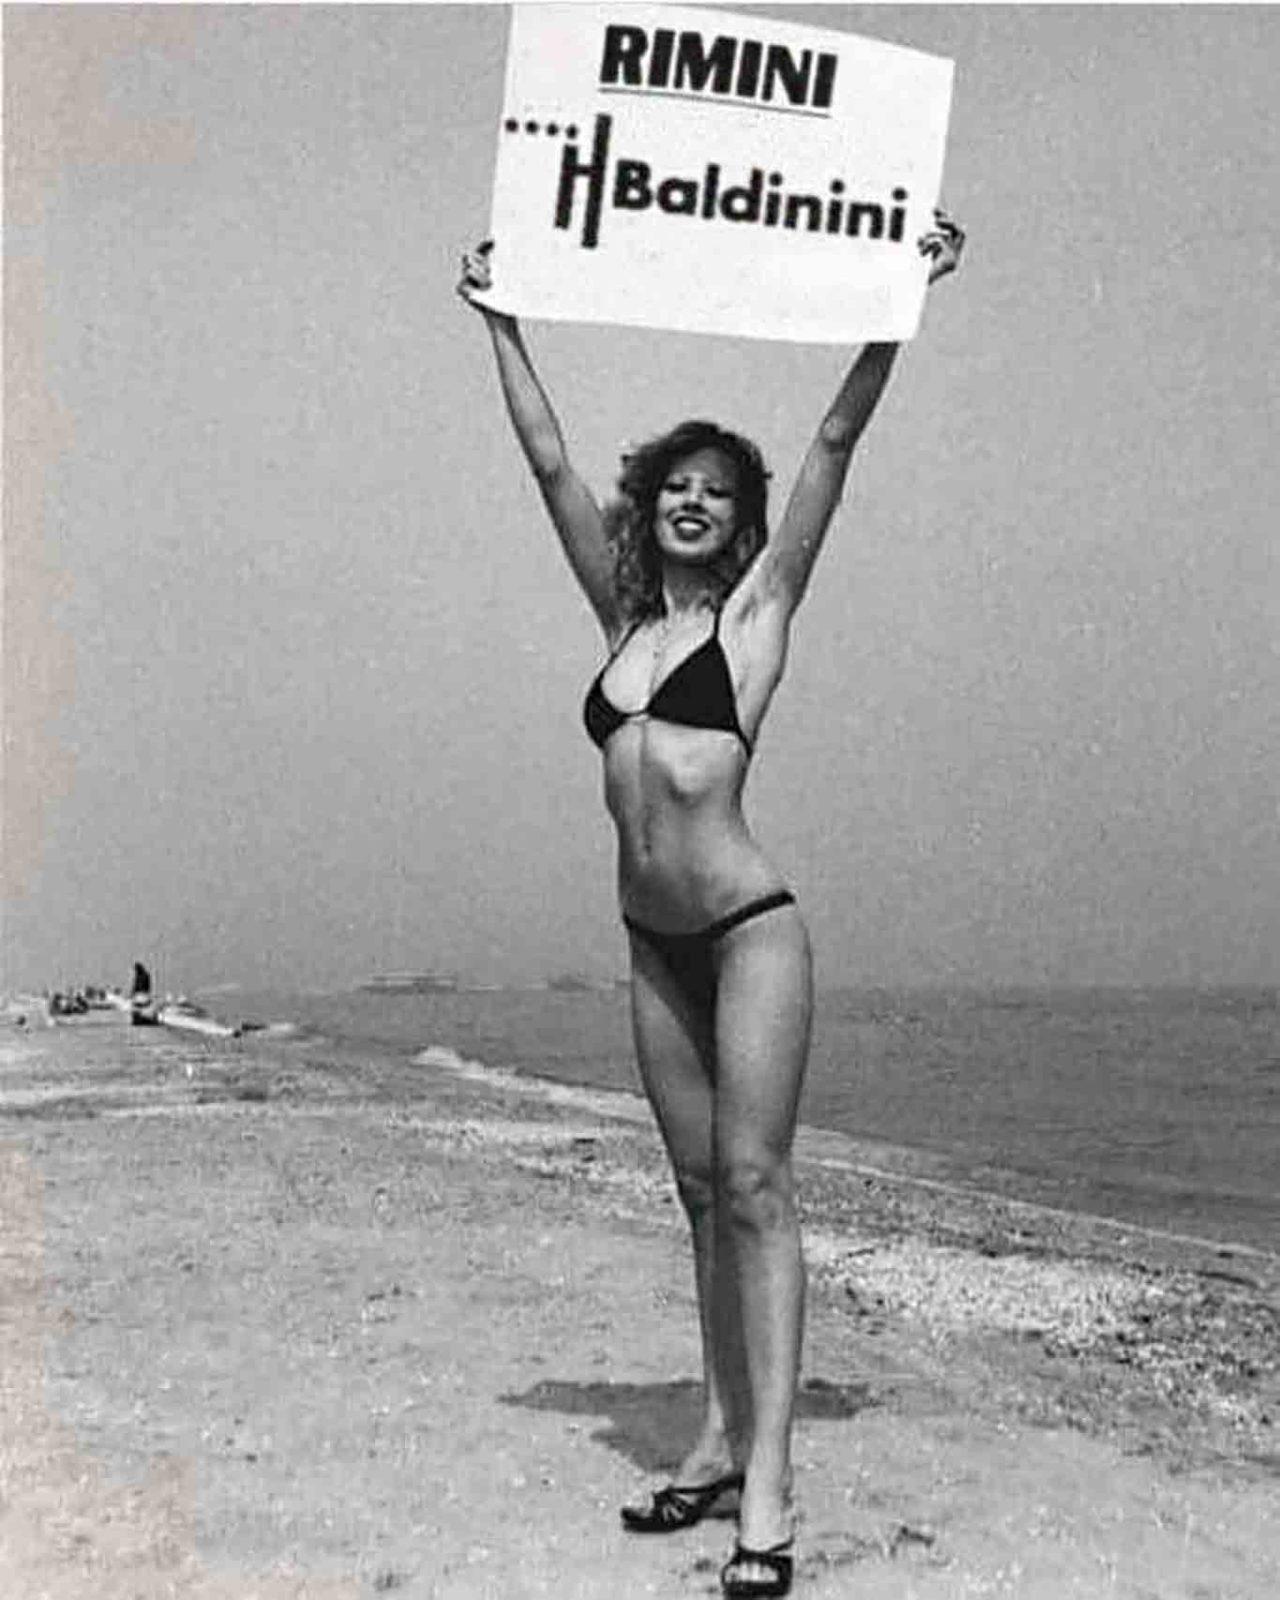 Rimini spiaggia mare vintage